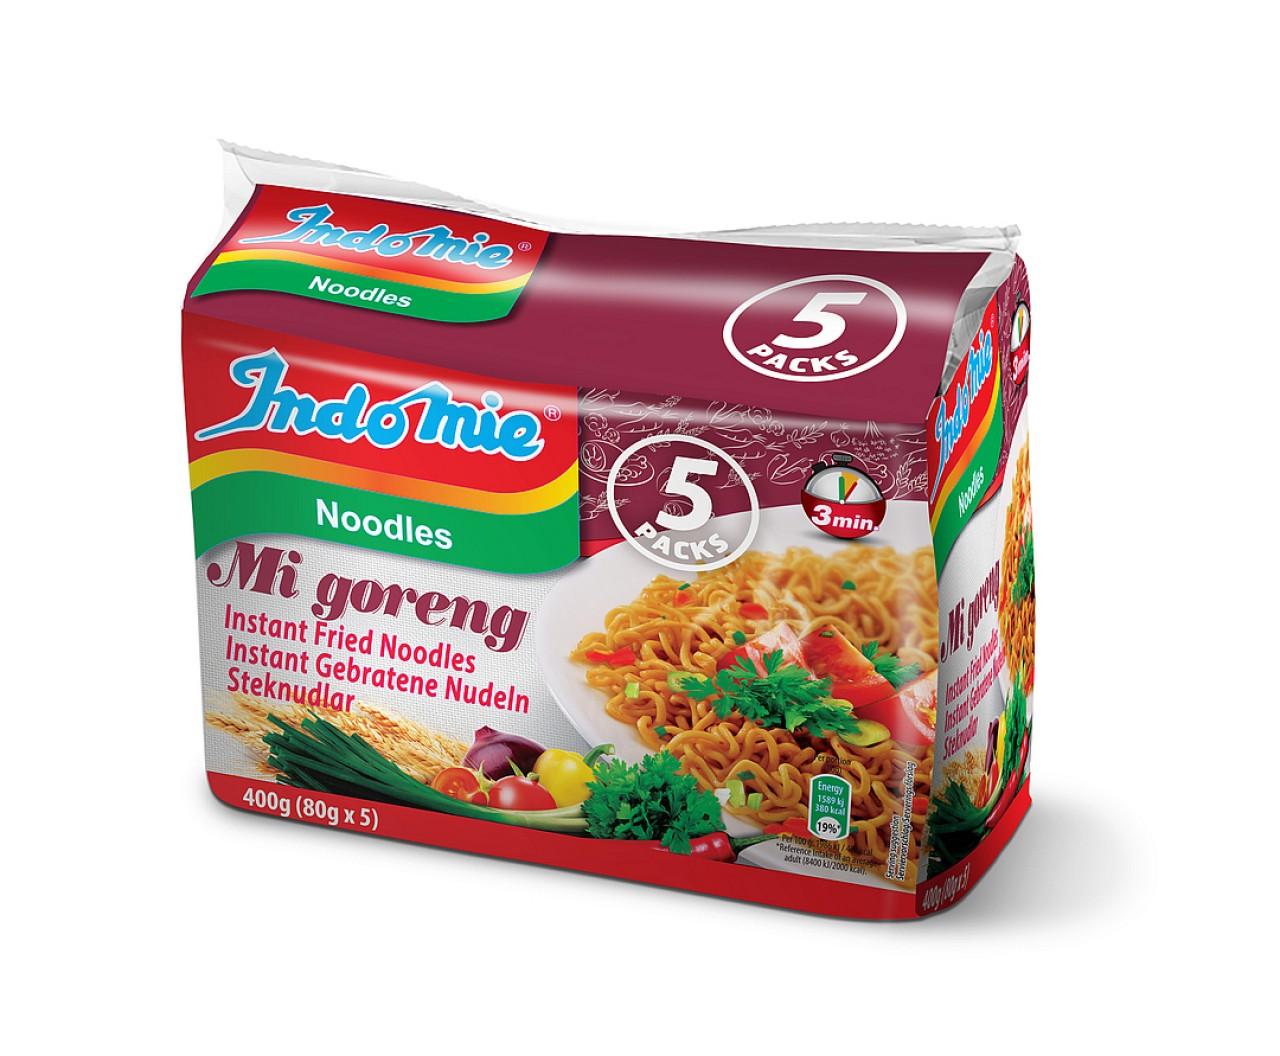 Indomie Mi goreng instant fried noodles